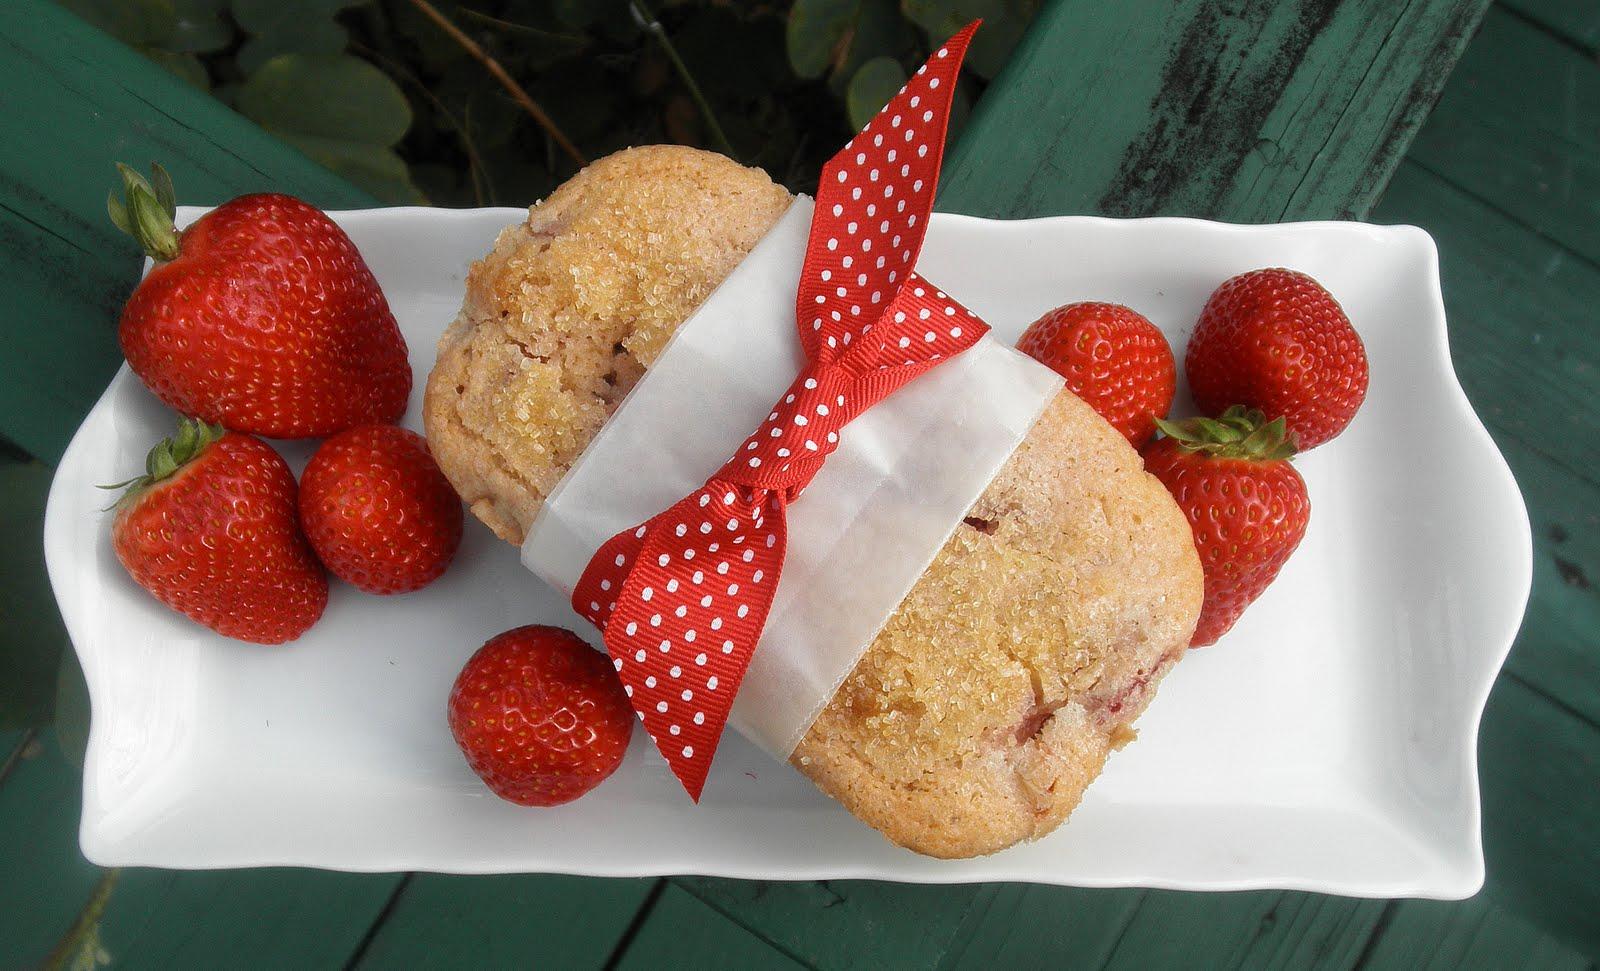 Concetta's Cafe: Fresh Strawberry Bread